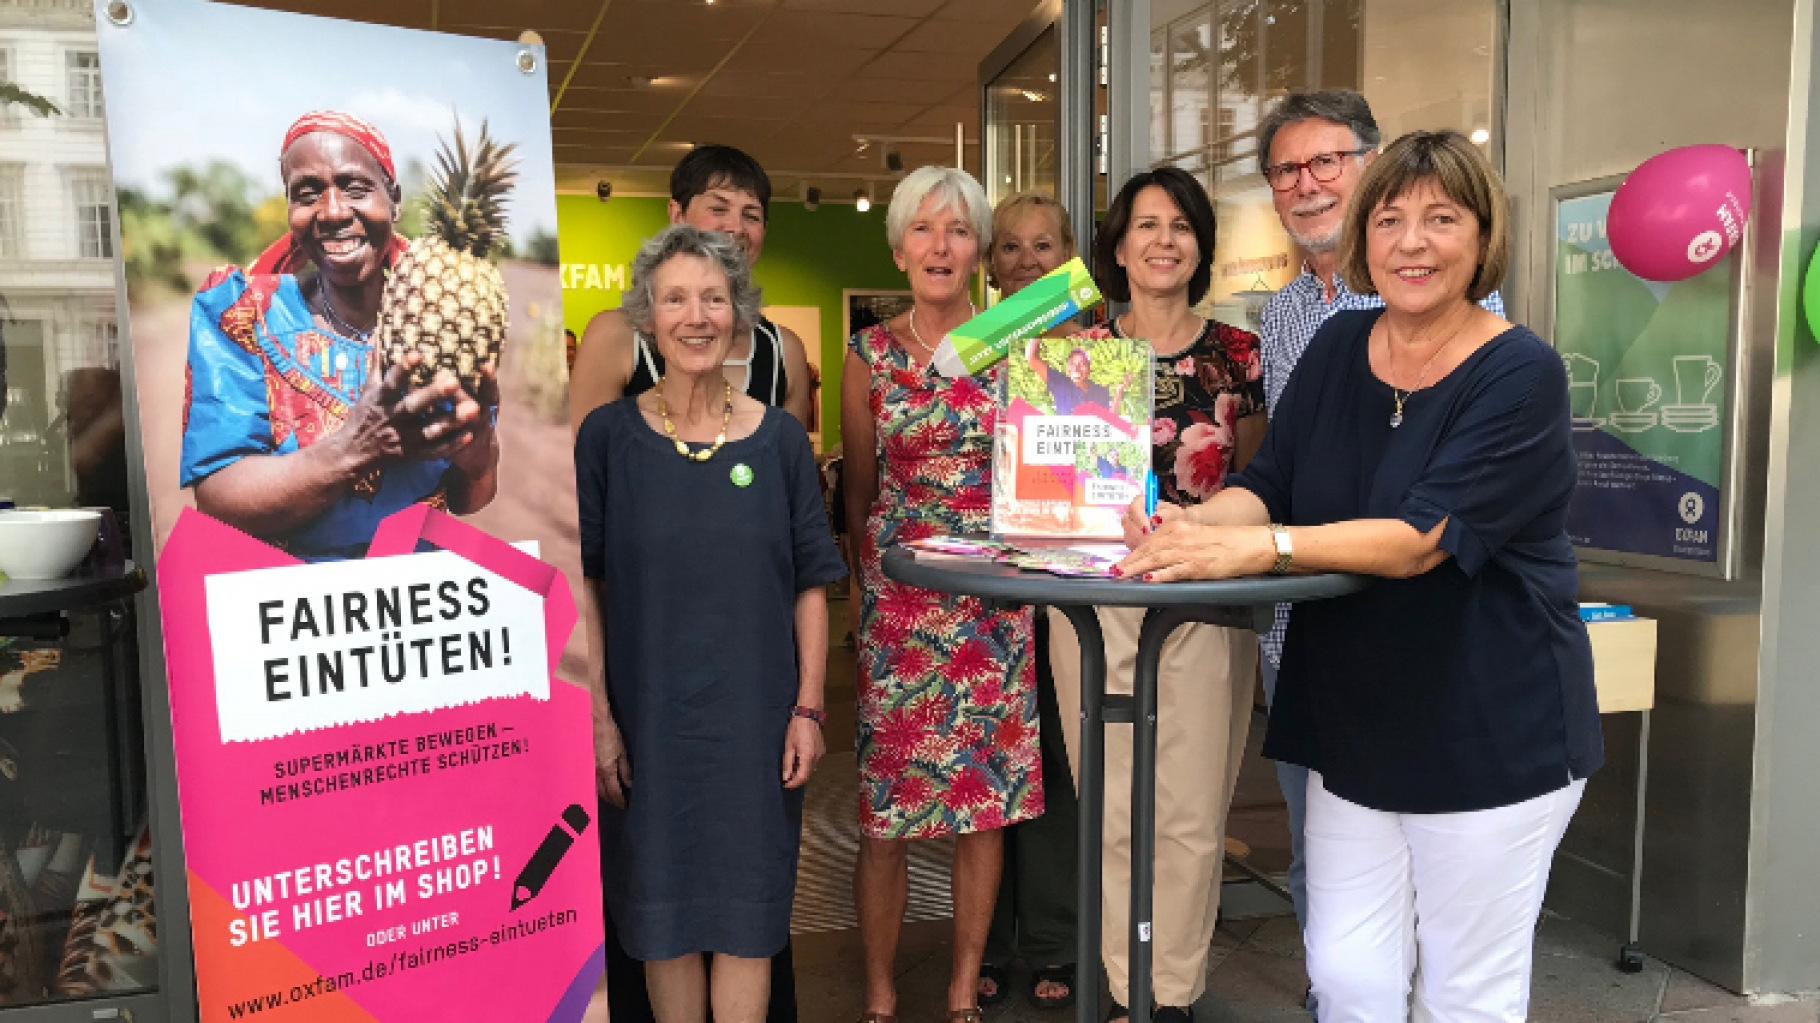 """Ulla Schmidt unterschreibt Oxfam-Kampagne """"Fairness eintüten!"""""""